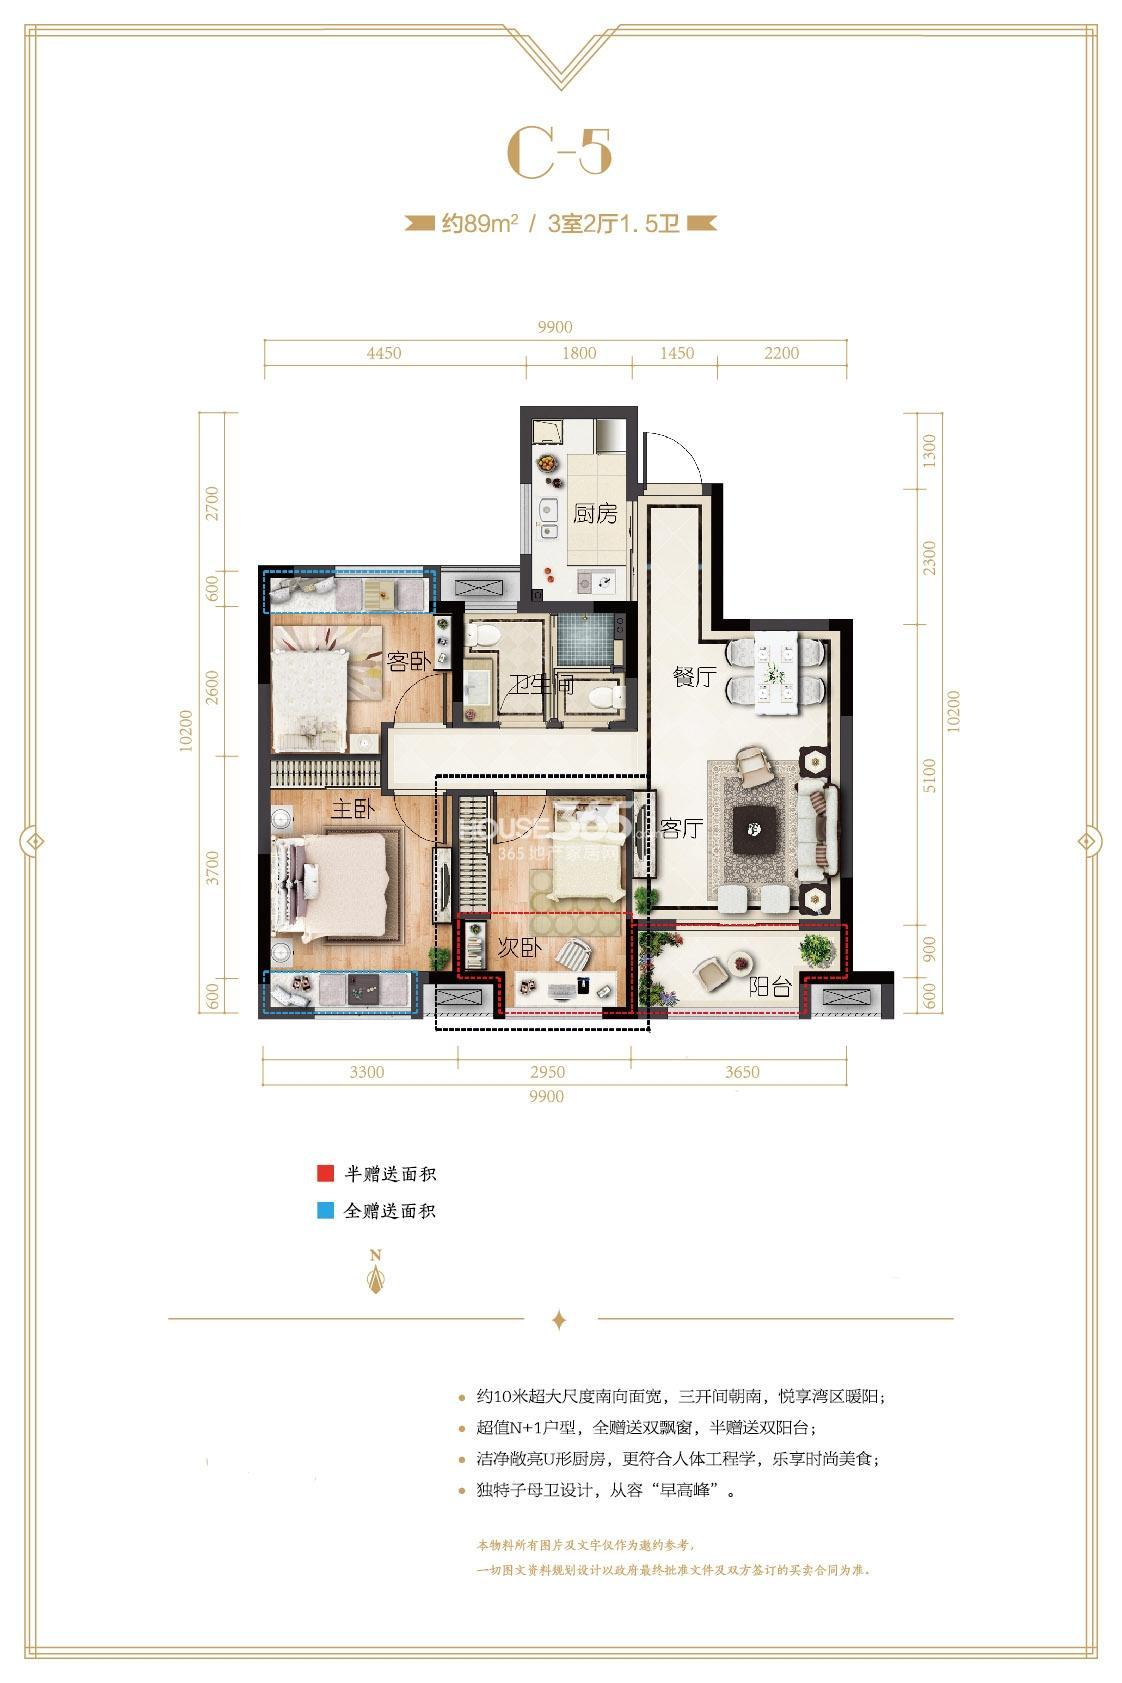 融创瑷颐湾3、10、11、12、13号楼C-5户型3房2厅1.5卫 89方